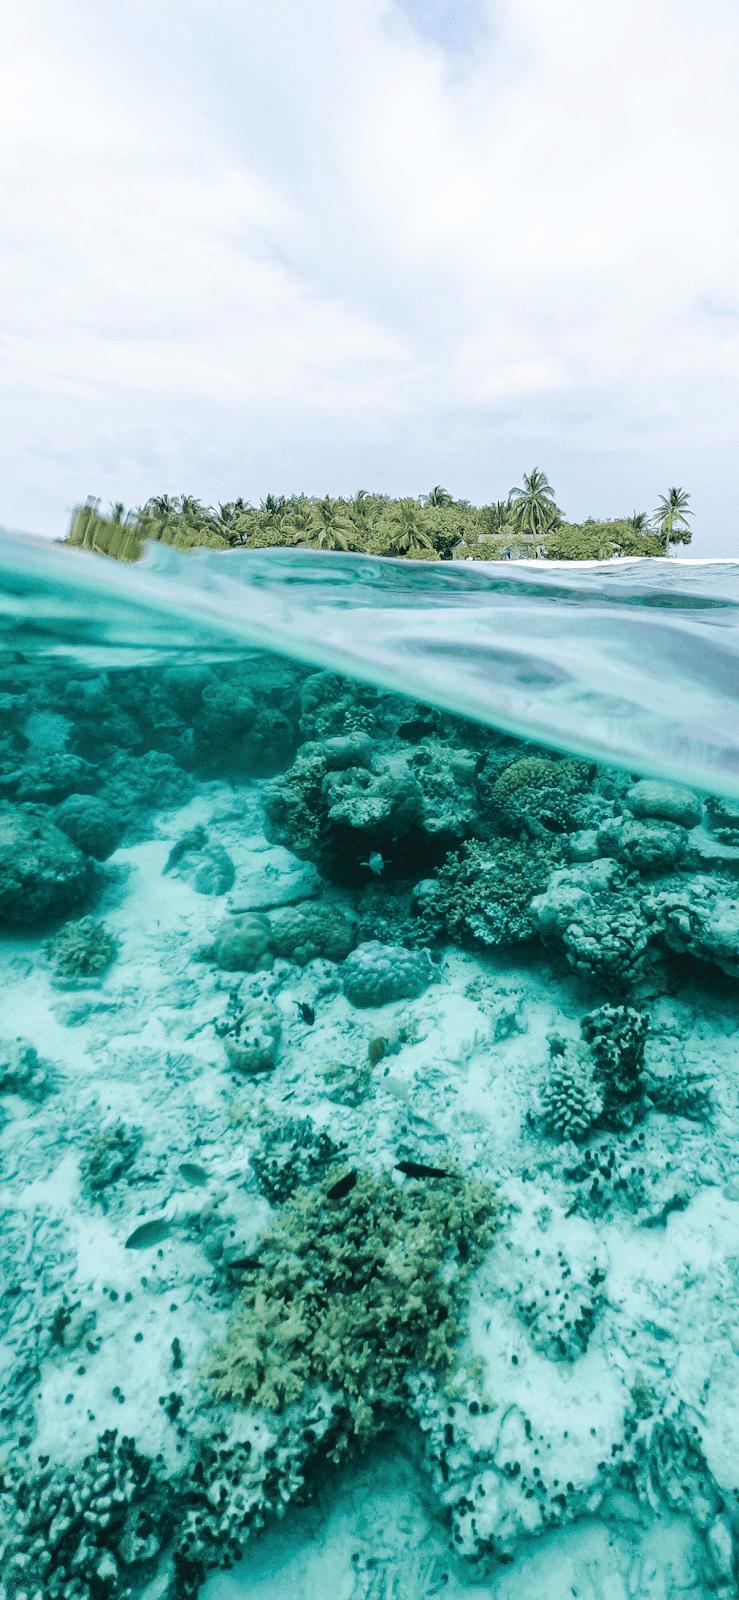 Underwater Ocean Wallpaper Iphone 3171423 Hd Wallpaper Backgrounds Download